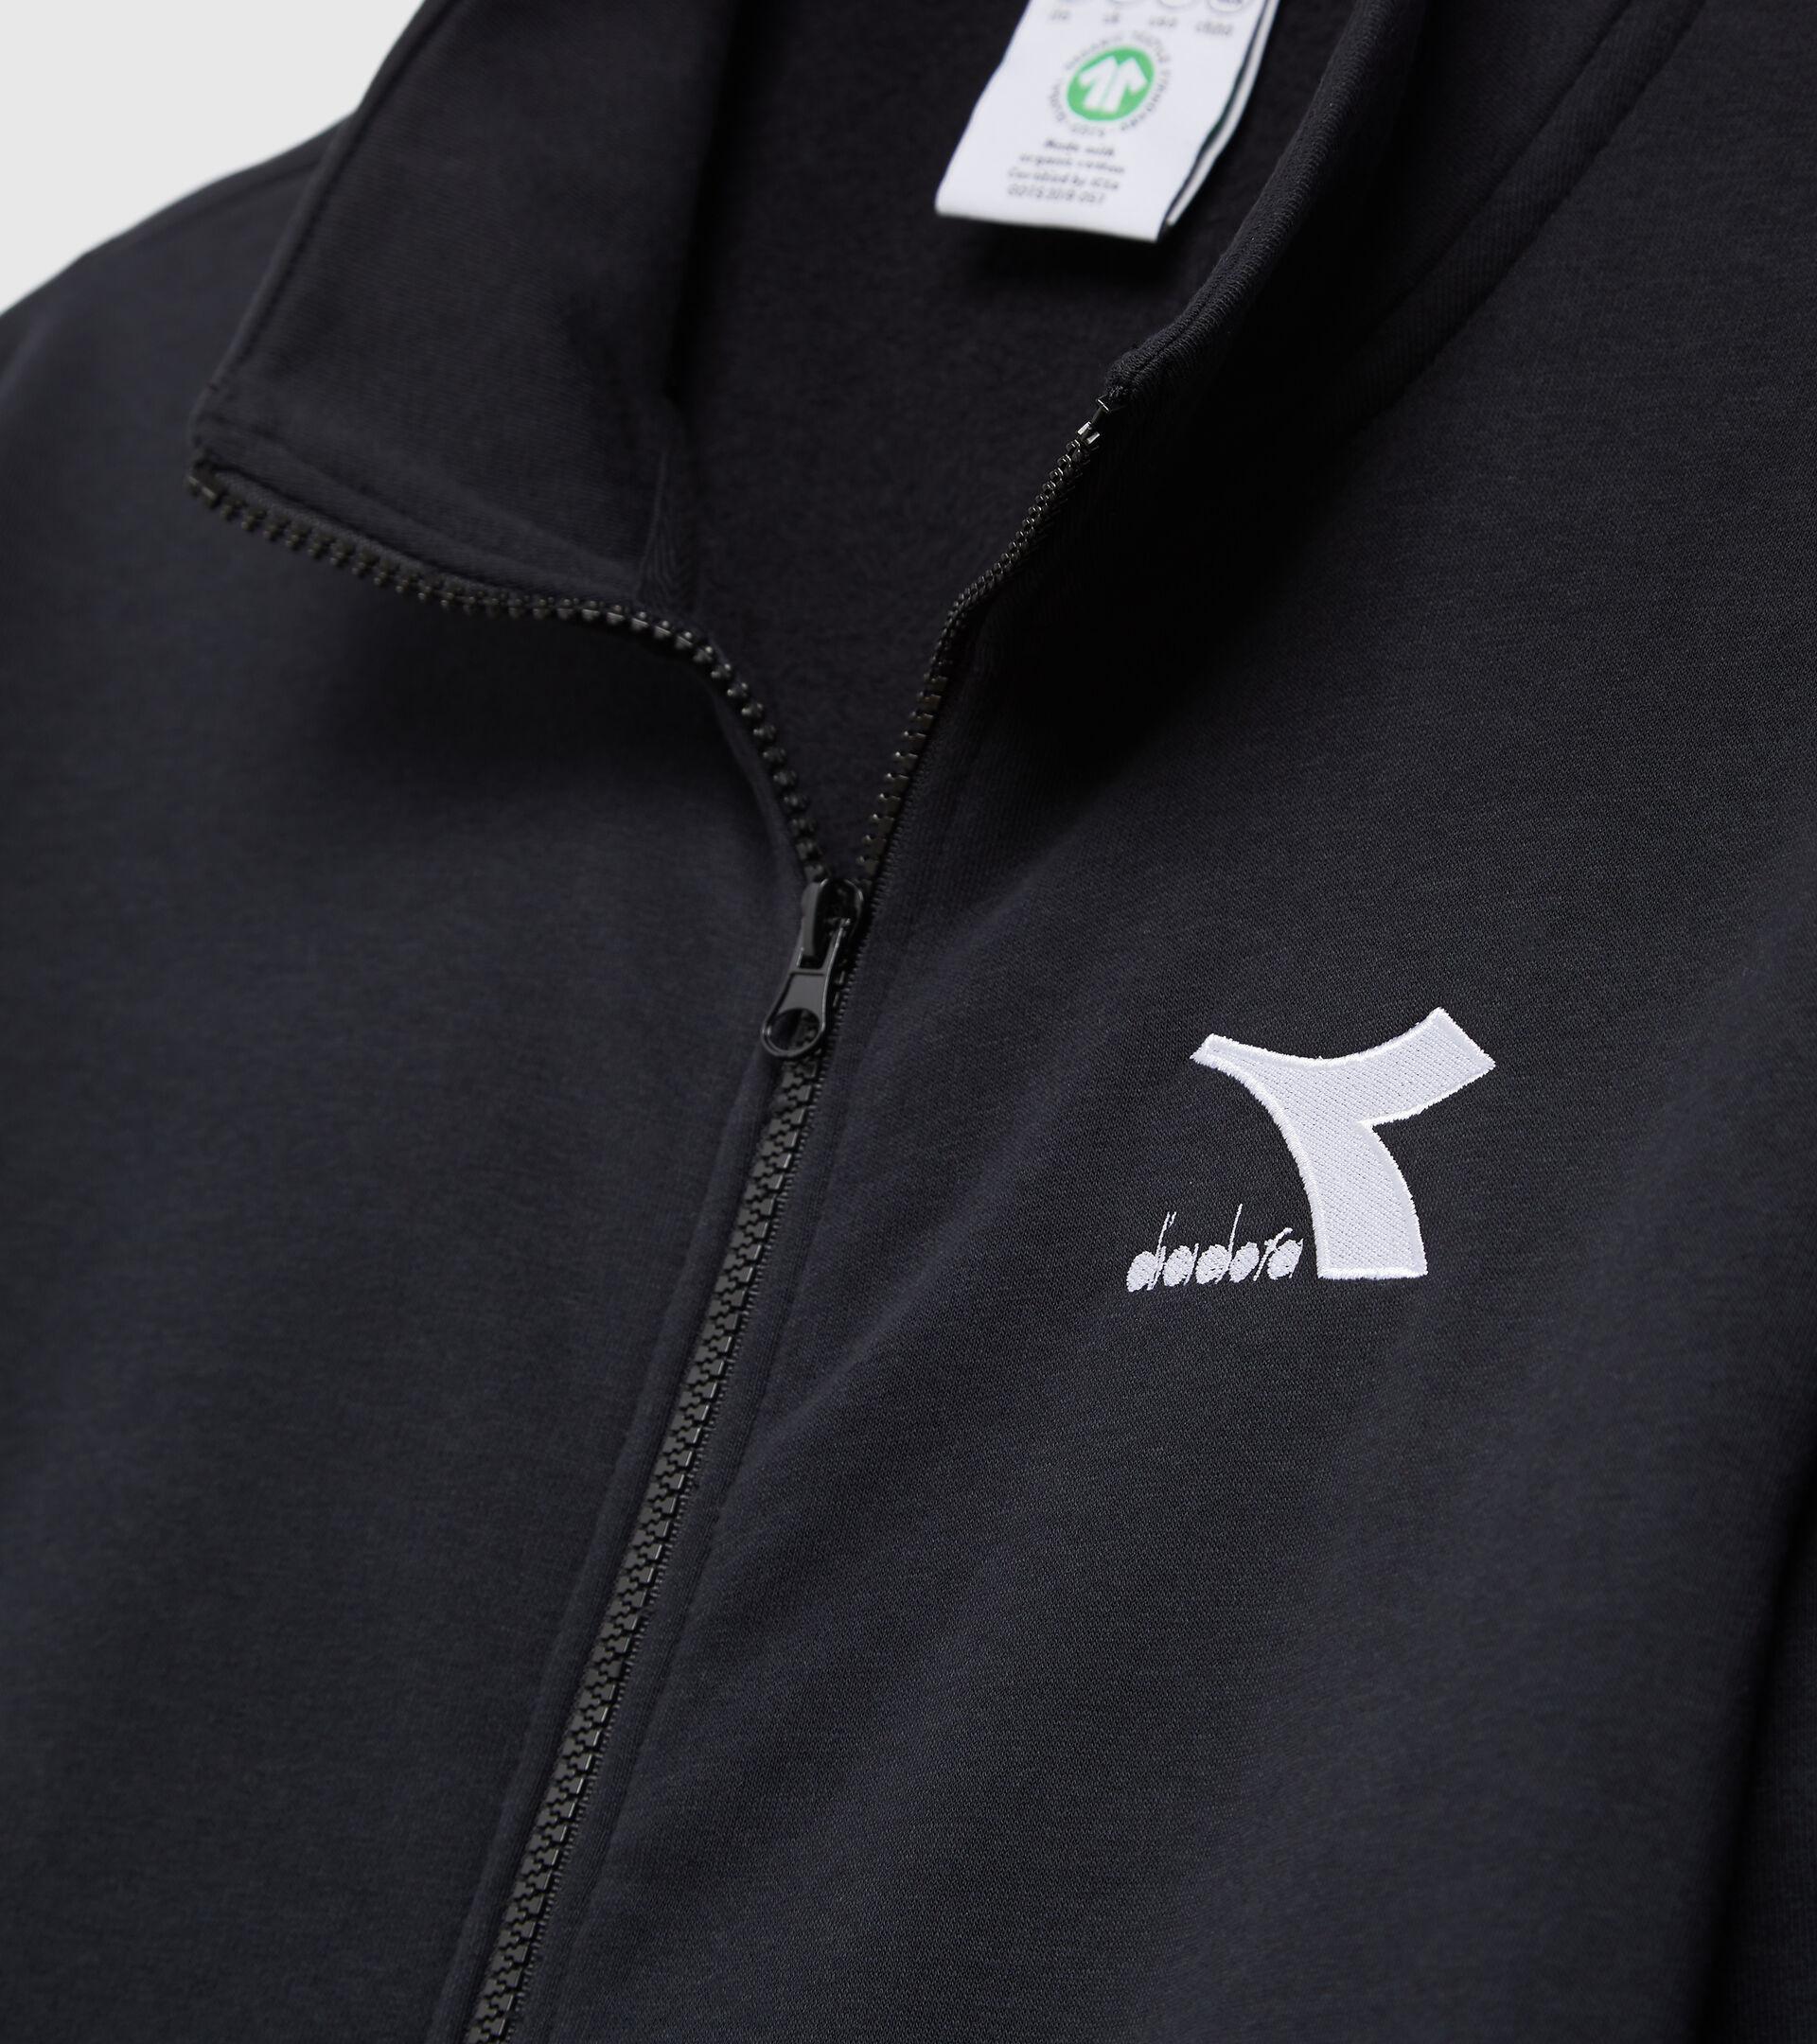 Crew-neck sweatshirt - Men SWEAT FZ CORE BLACK - Diadora